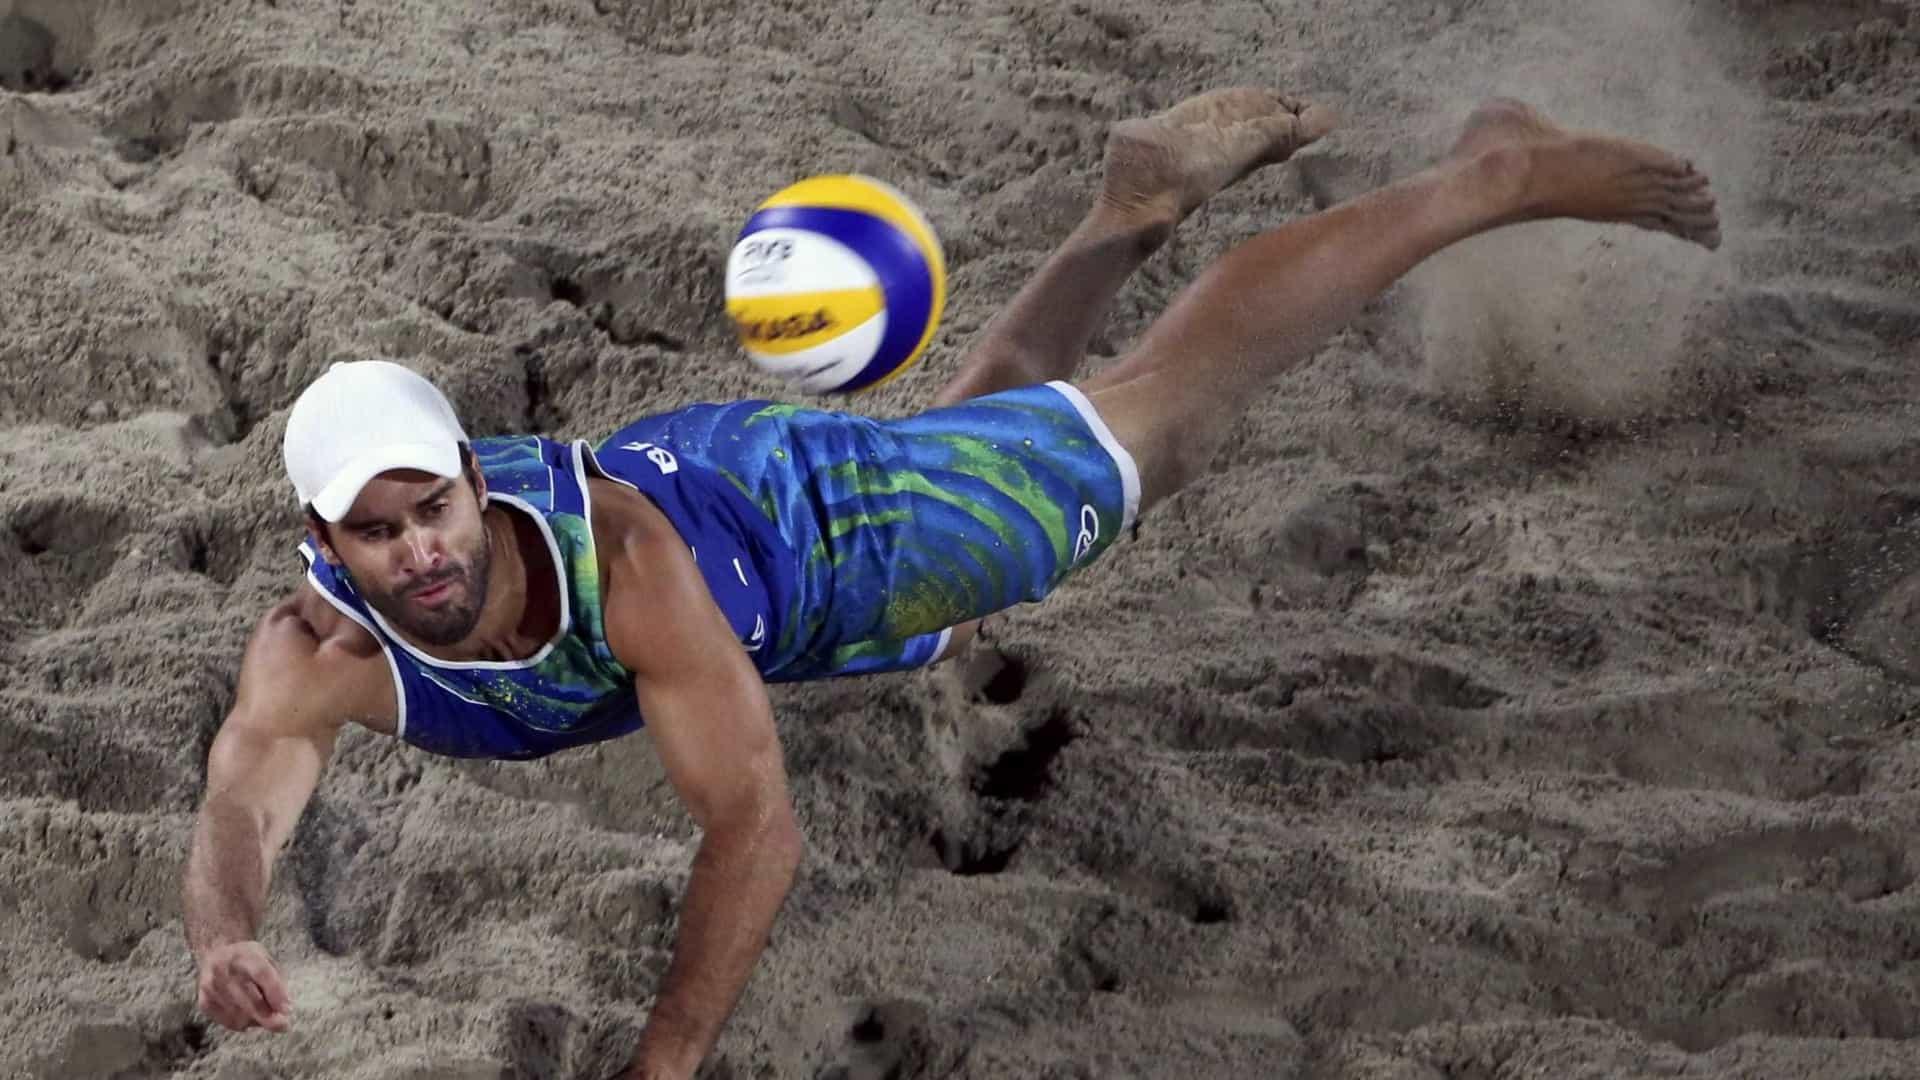 naom 57b74d1552ff7 - Campeão olímpico Bruno Schmidt é internado com covid-19